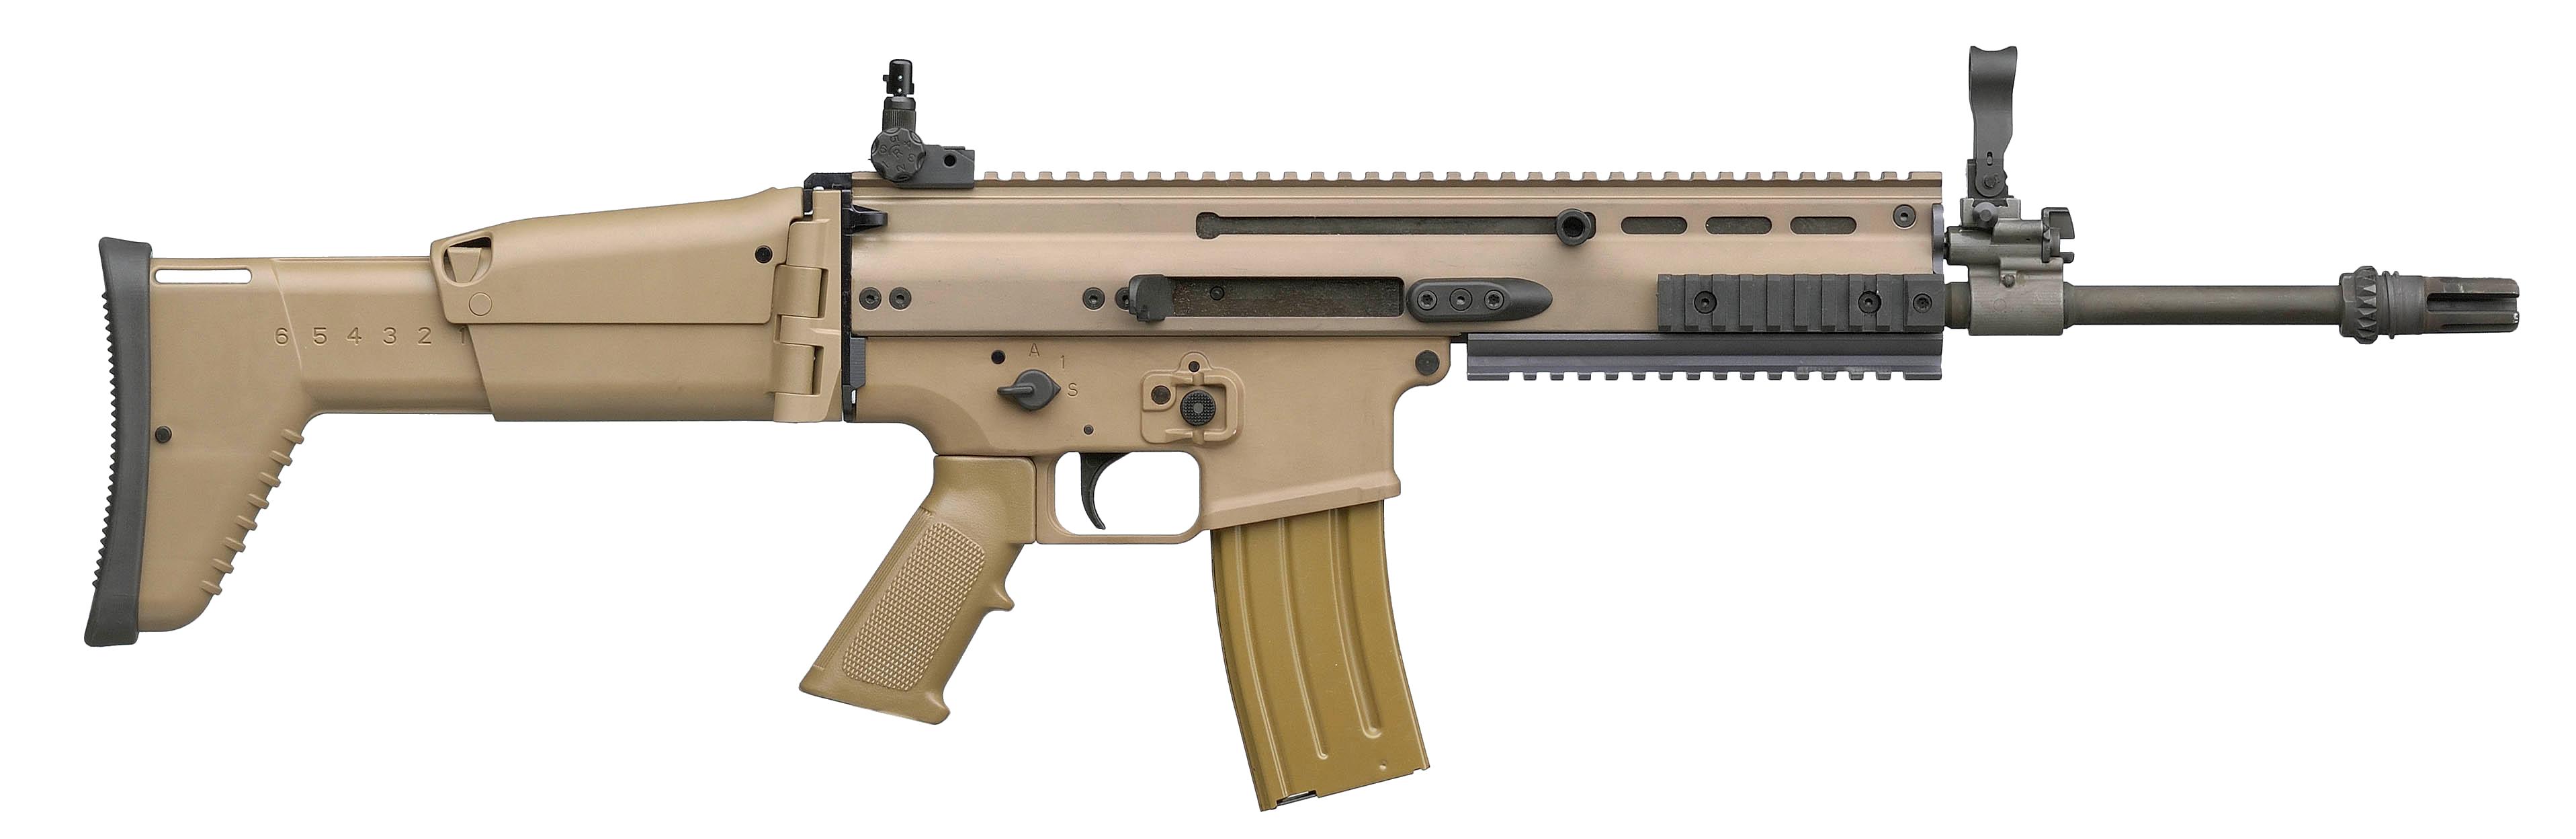 Assault Rifle PNG - 17685